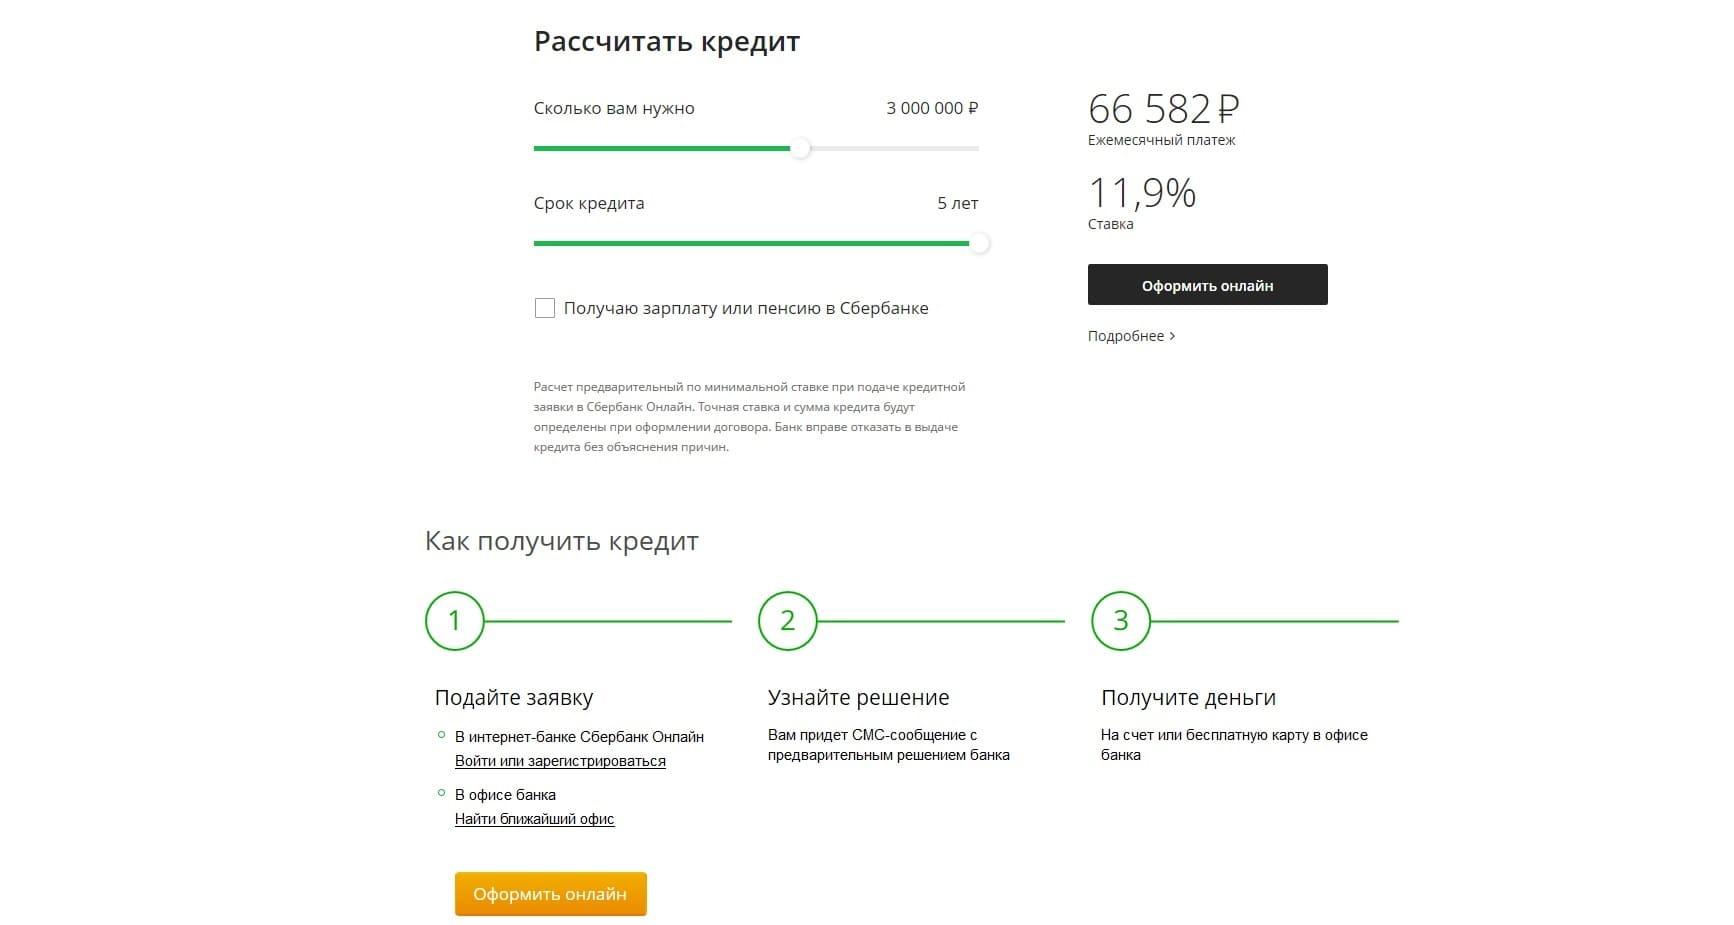 кредит европа банк нижний новгород официальный сайт